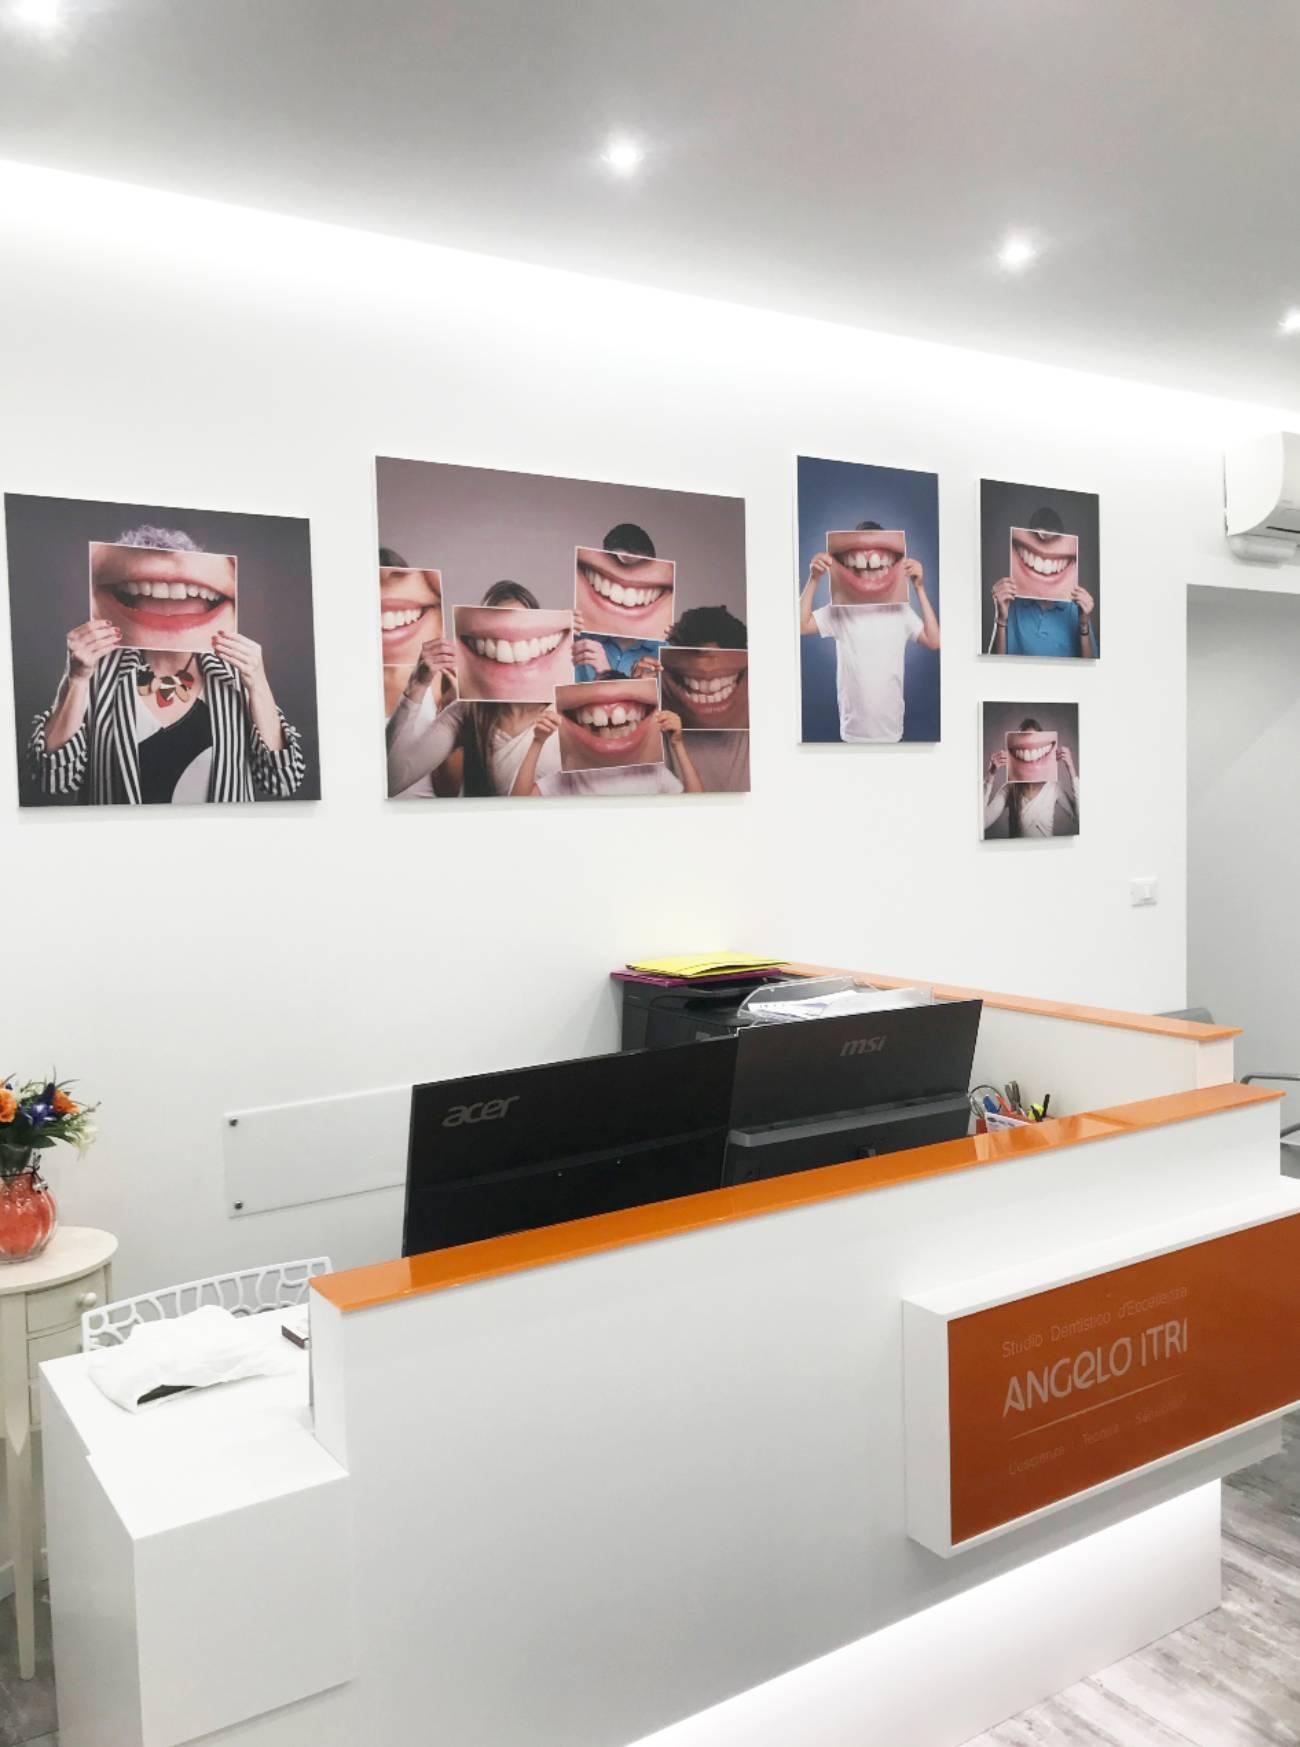 Studio-Dentistico-Angelo-Itri-Immagine-Coordinata-Mercomm-Marketing